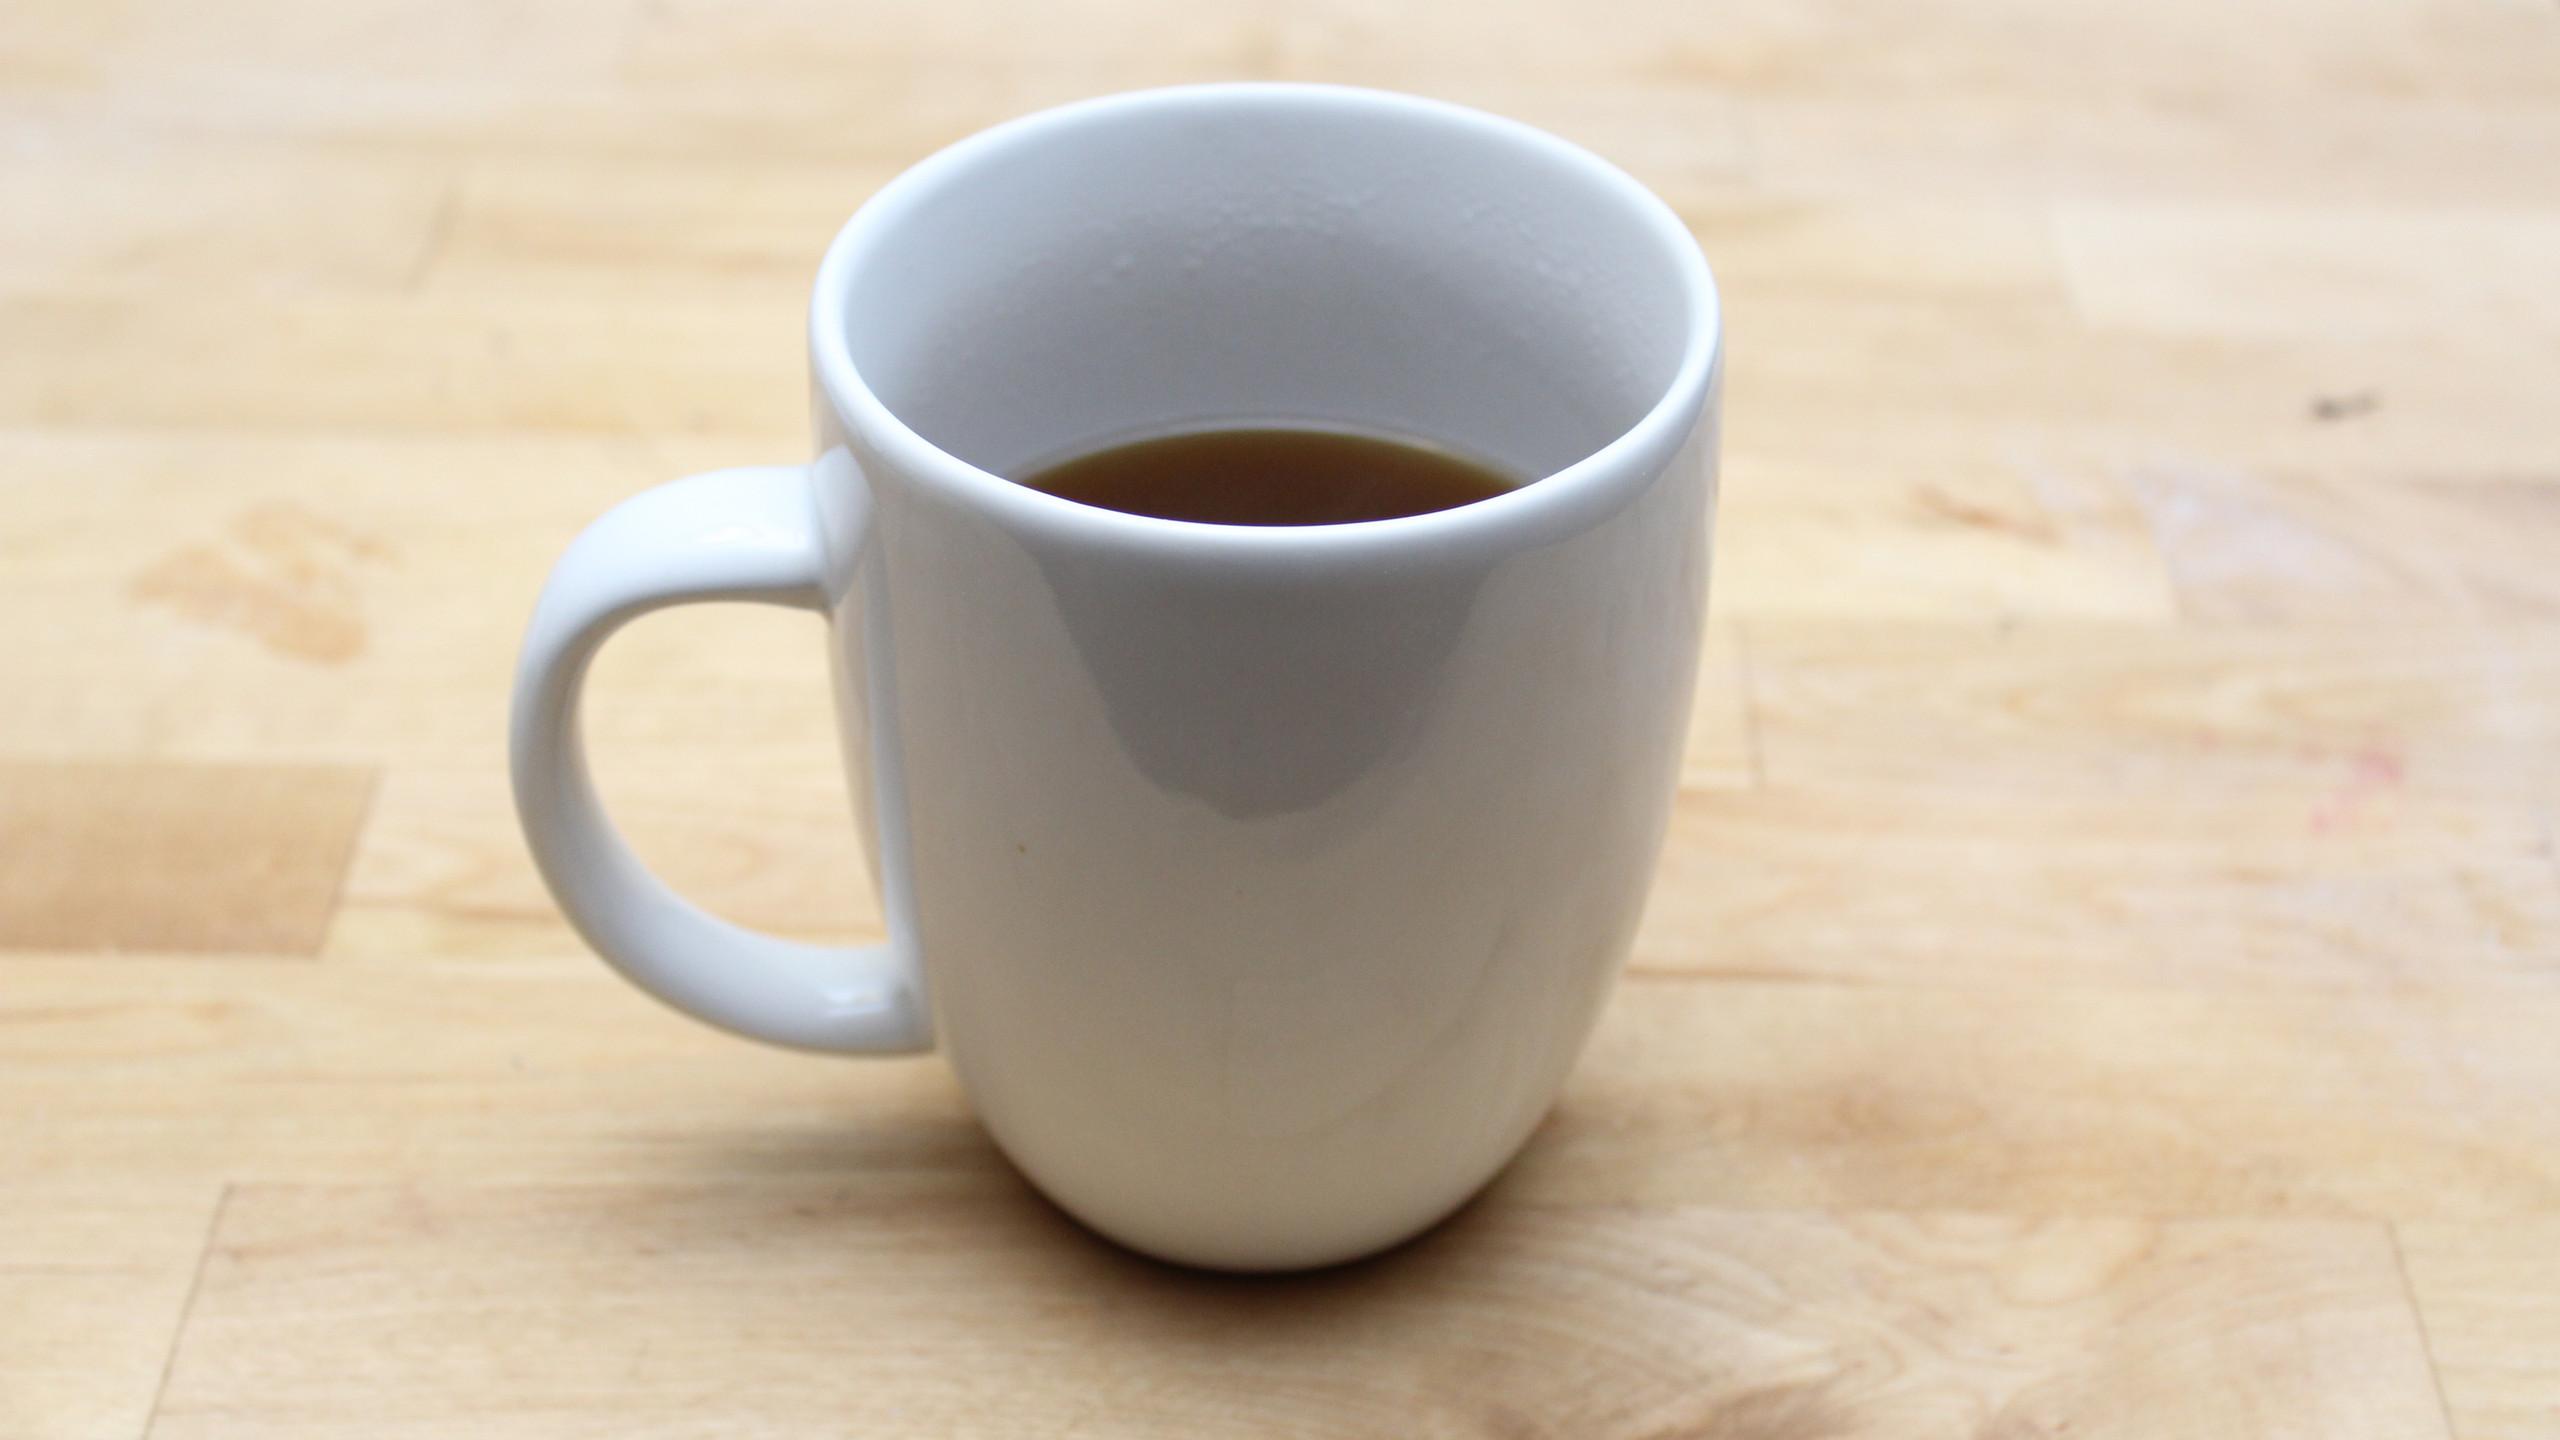 Drink like tea